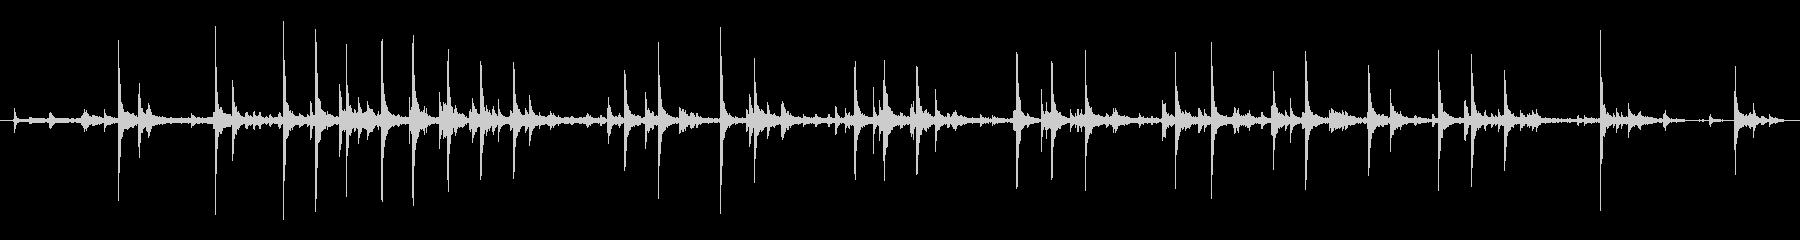 電子スロットマシン:コインペイアウ...の未再生の波形